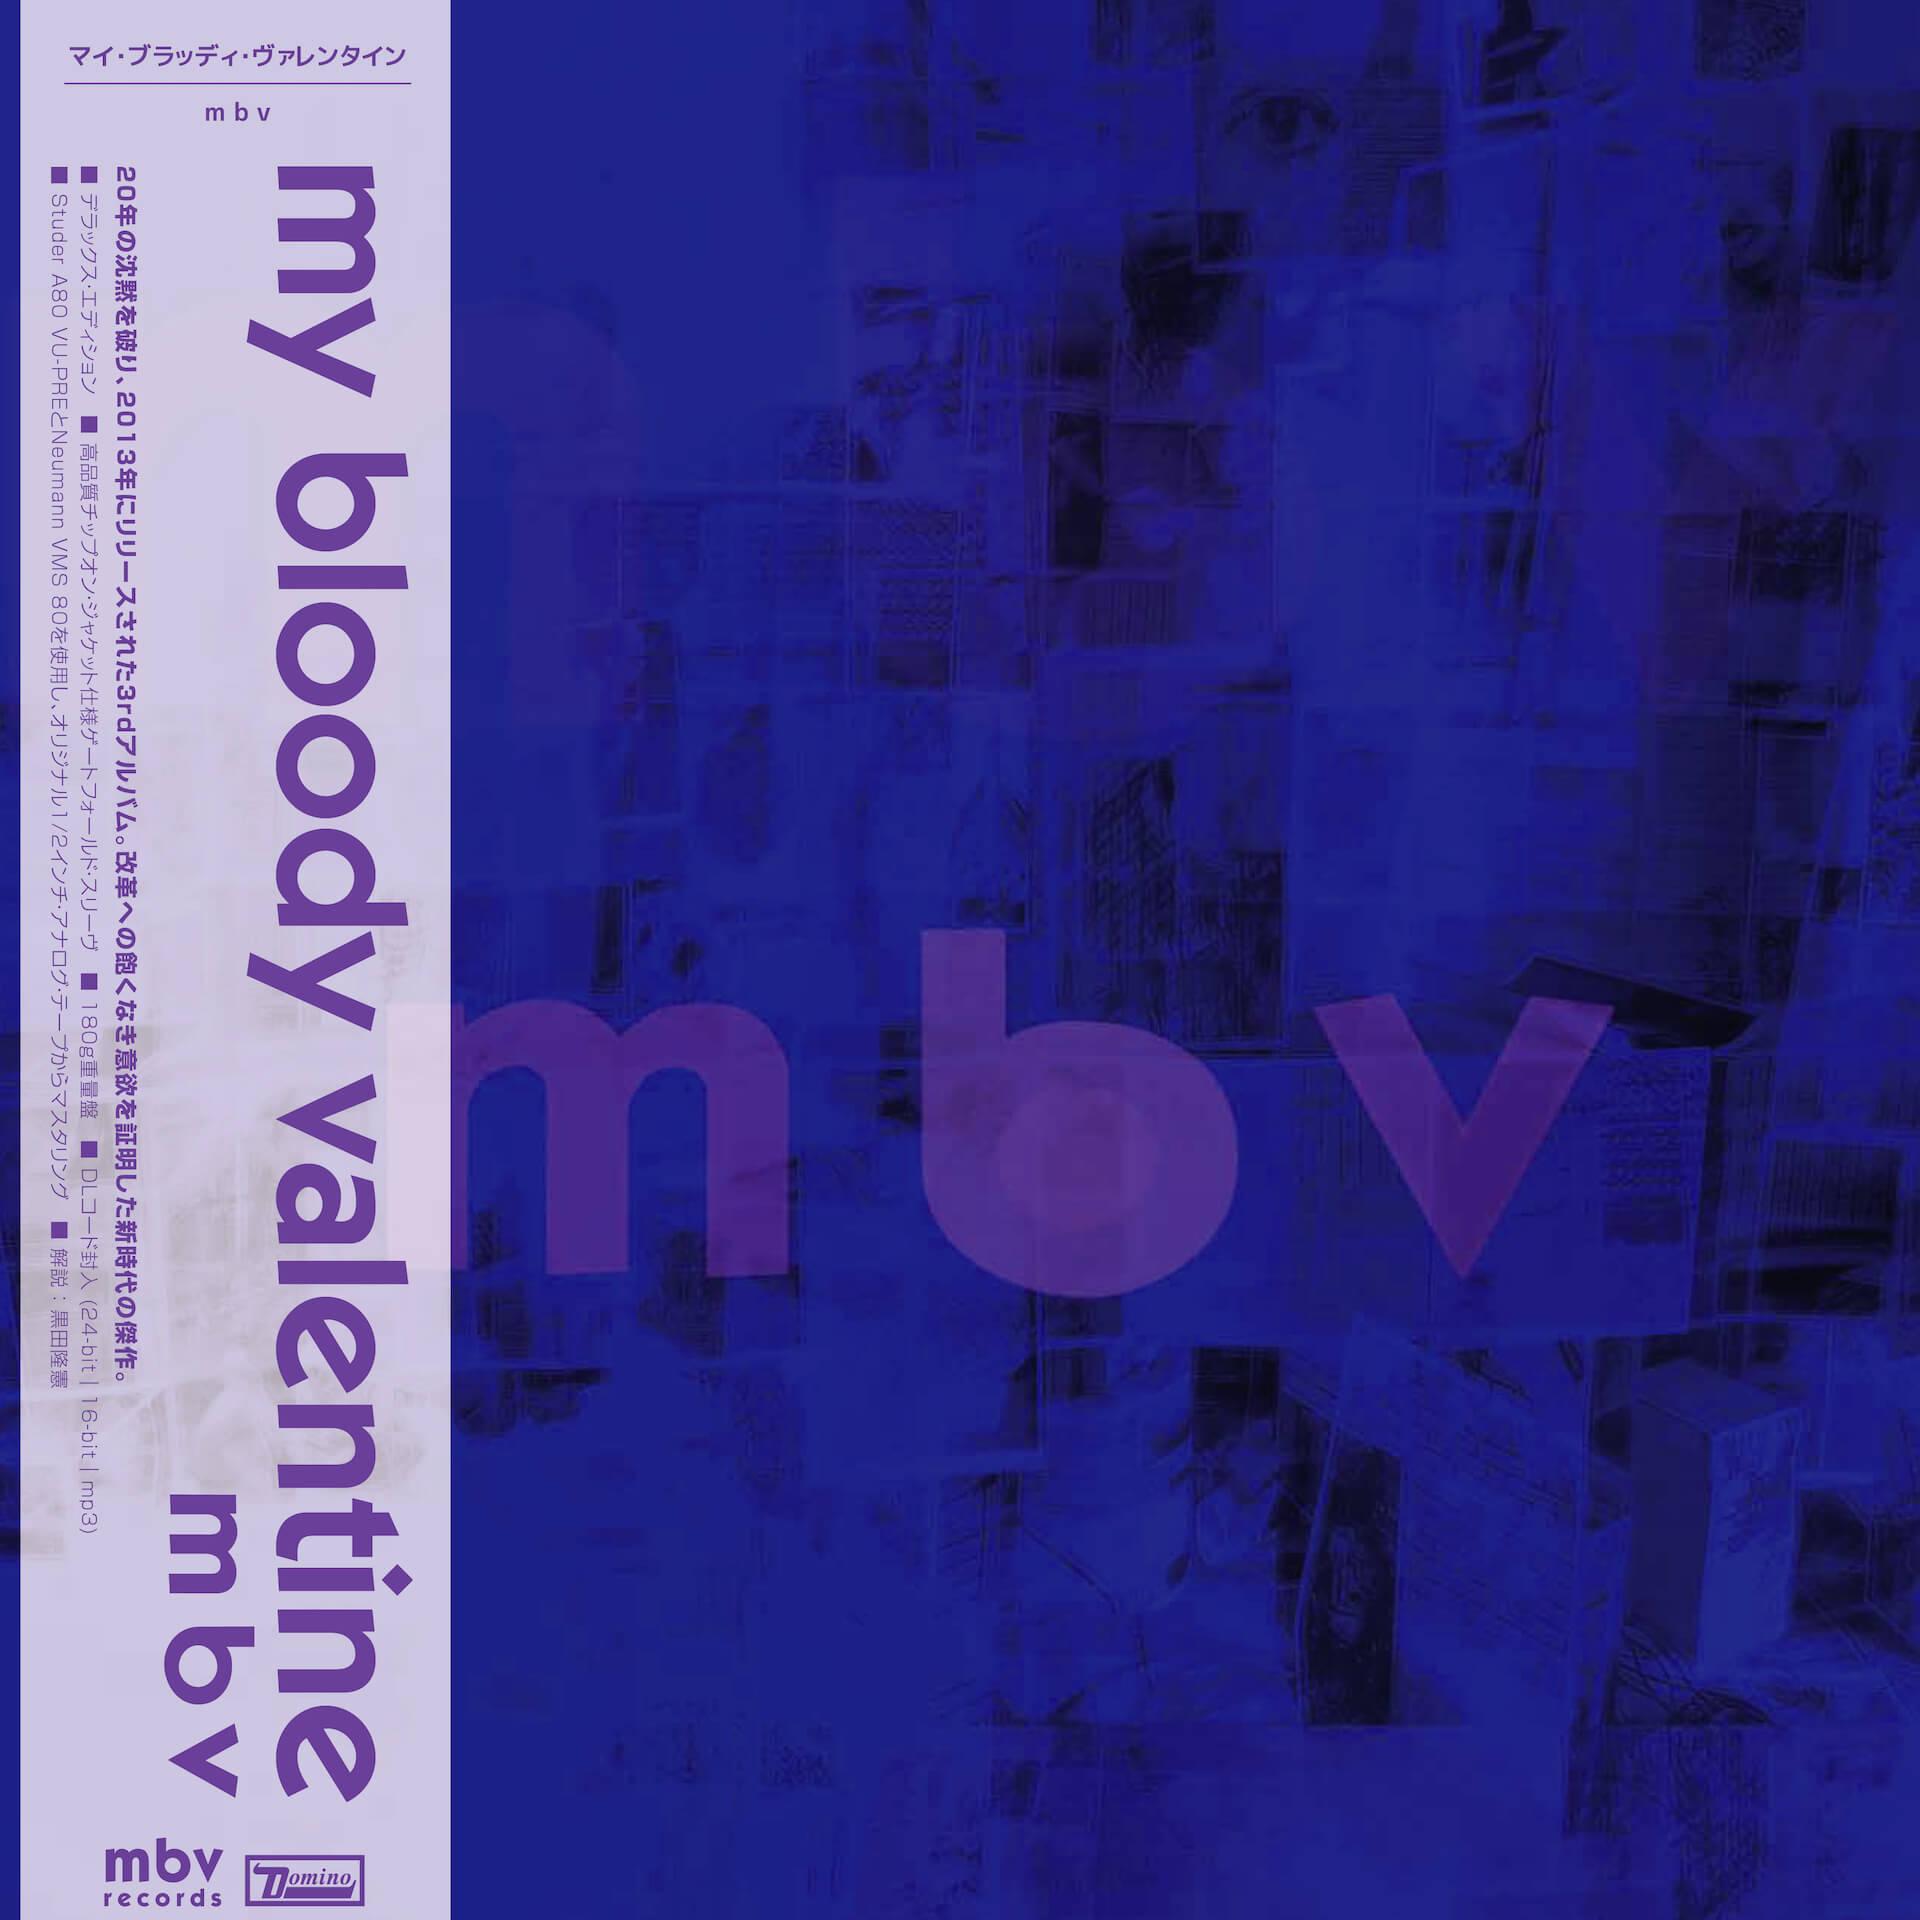 待望のサブスク解禁で話題のMy Bloody Valentineが英ラジオ局にて特別放送をキュレーション!5月には新装盤CDとLPの再発も music210413_mybloodyvalentine-210413_19